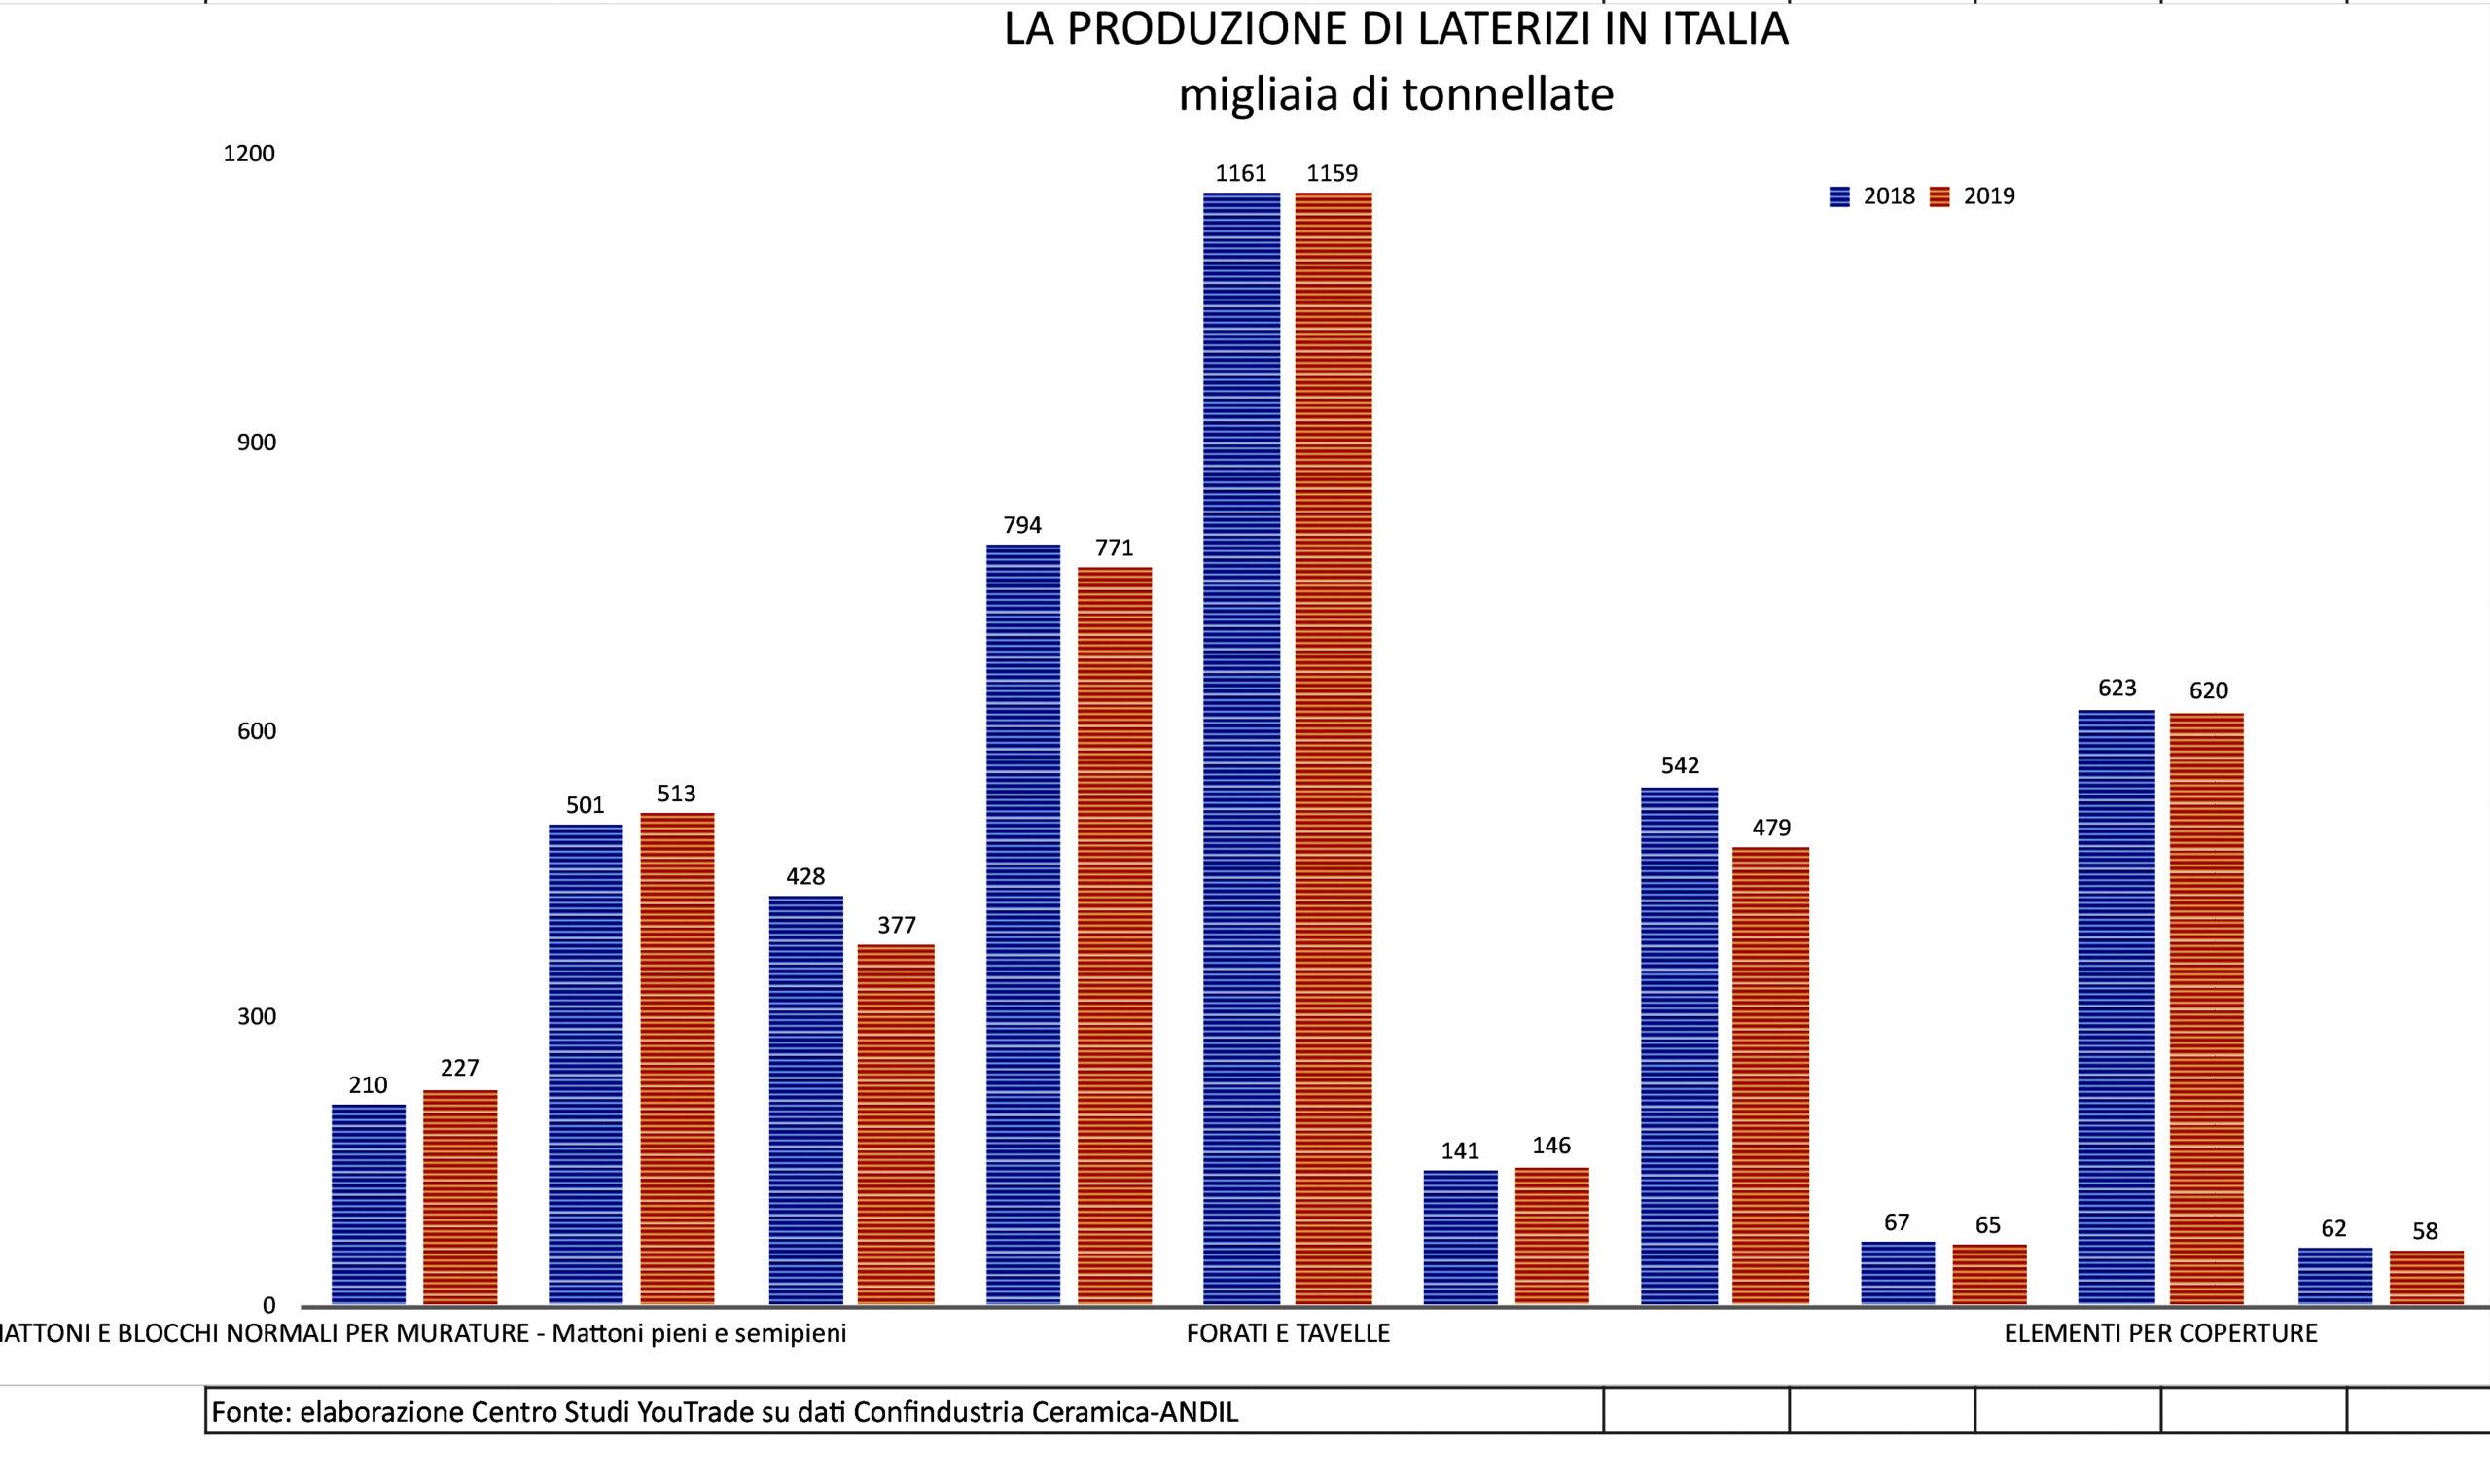 produzione-laterizi-italia-2019